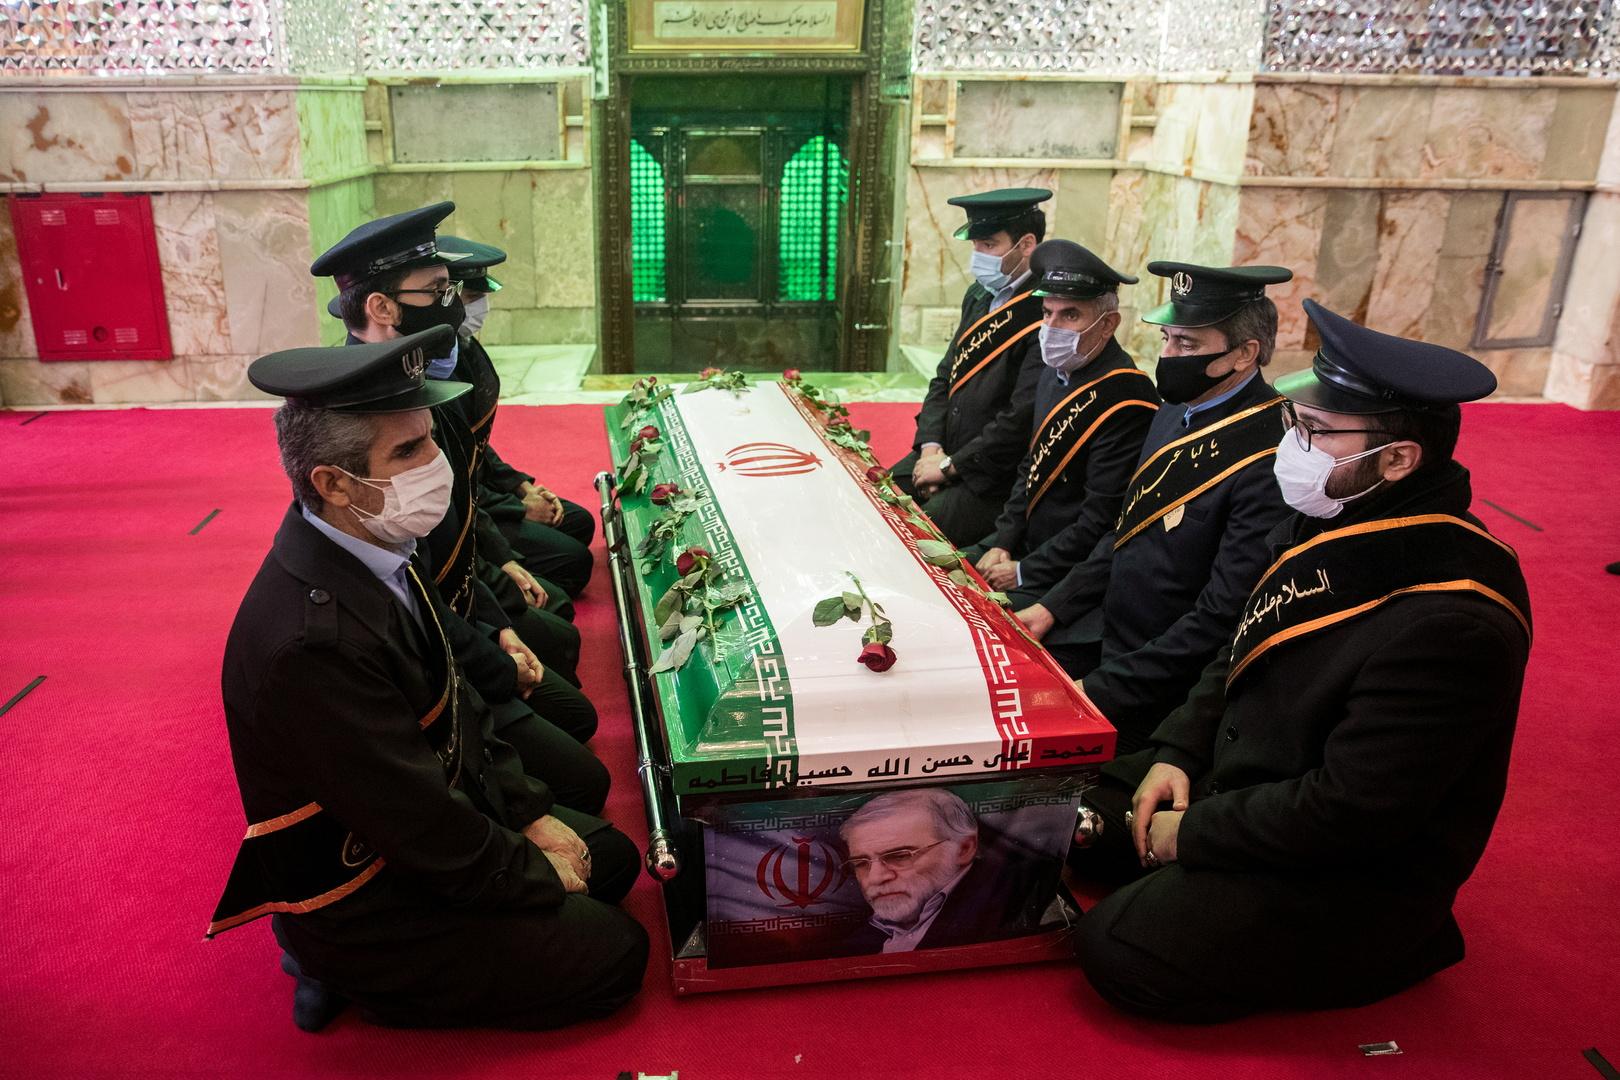 شرطة إيران تطلب من الإنتربول إصدار مذكرة اعتقال بحق 4 متهمين تورطوا باغتيال فخري زادة